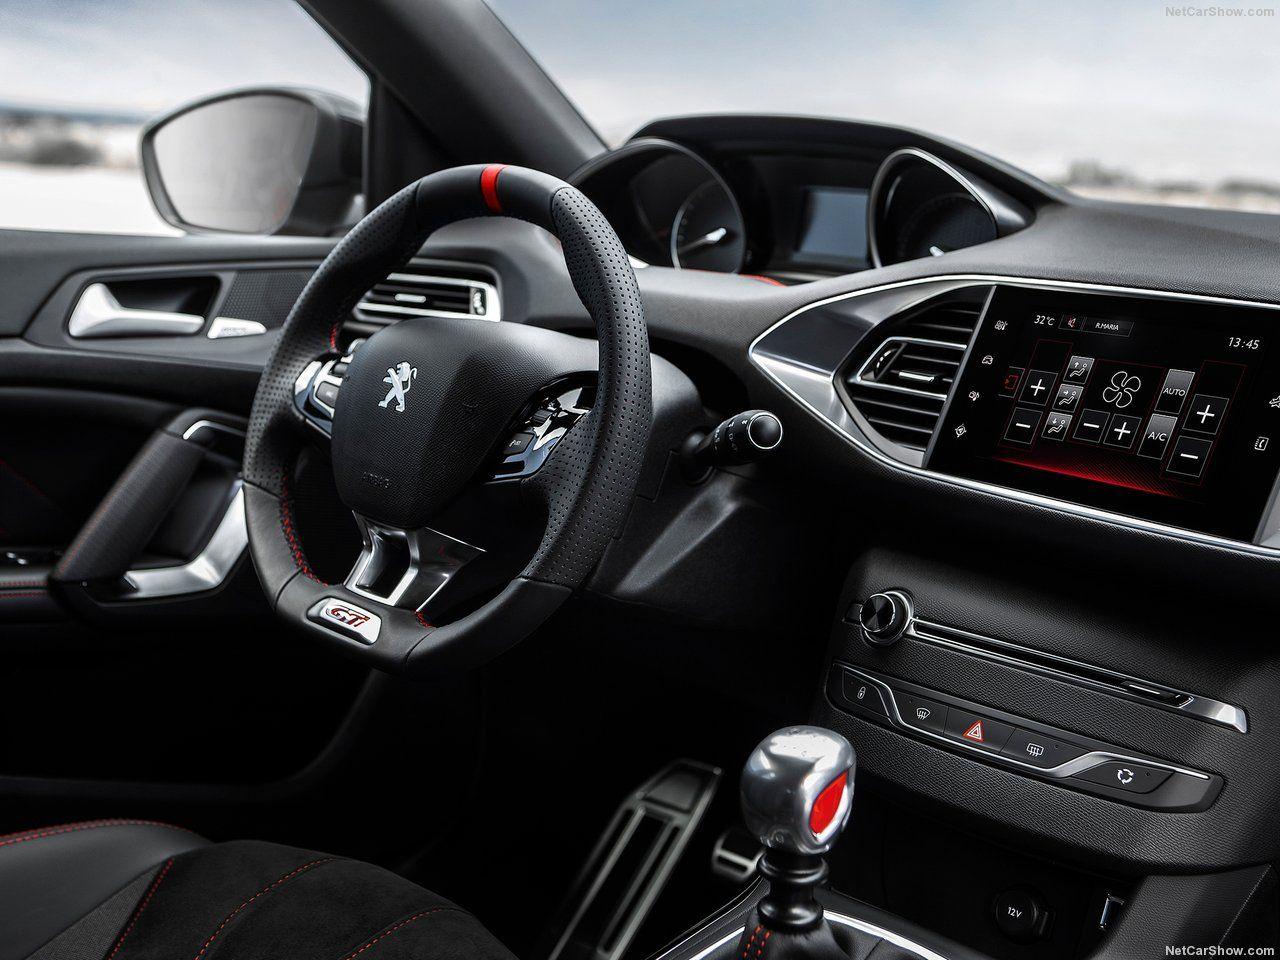 2016 peugeot 308 gti 1 6l thp turbo i4 1 598 cm³ 270 hp